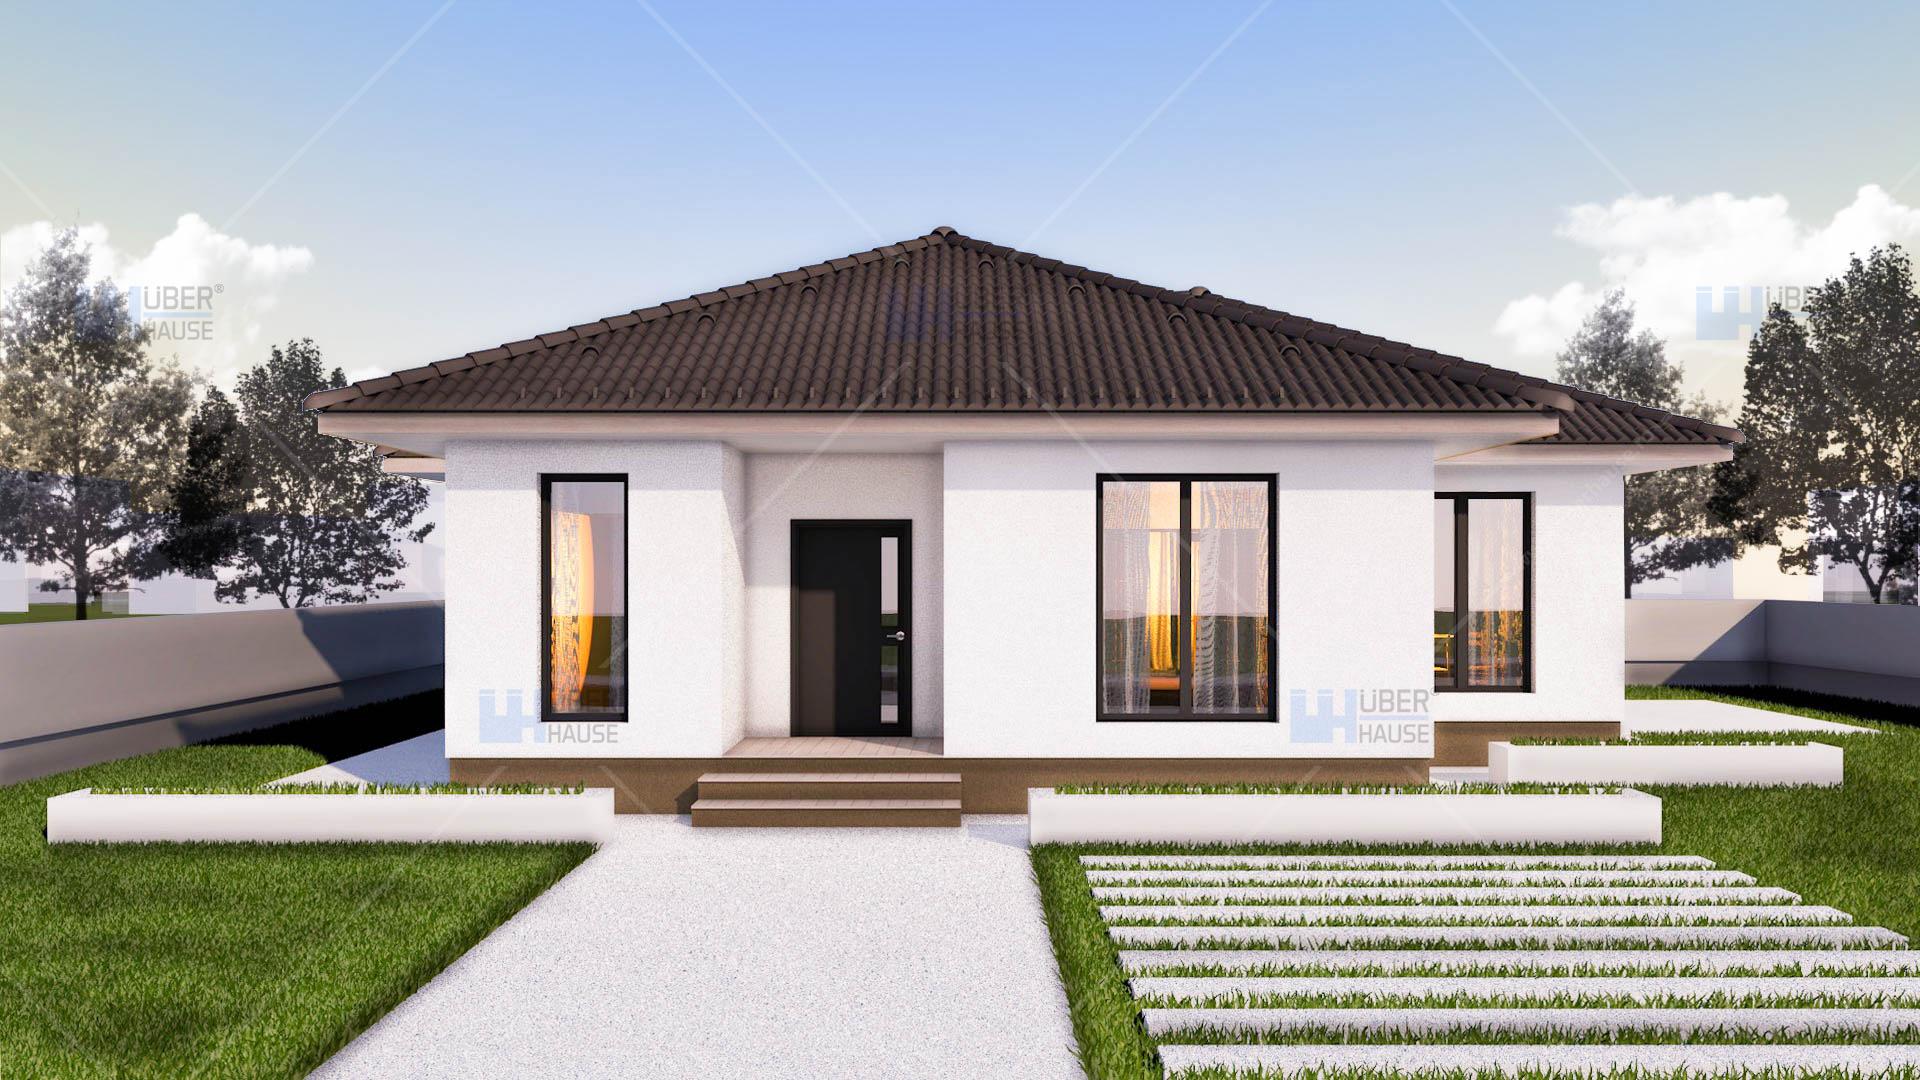 Proiecte case mici uberhause for Modele de case mici